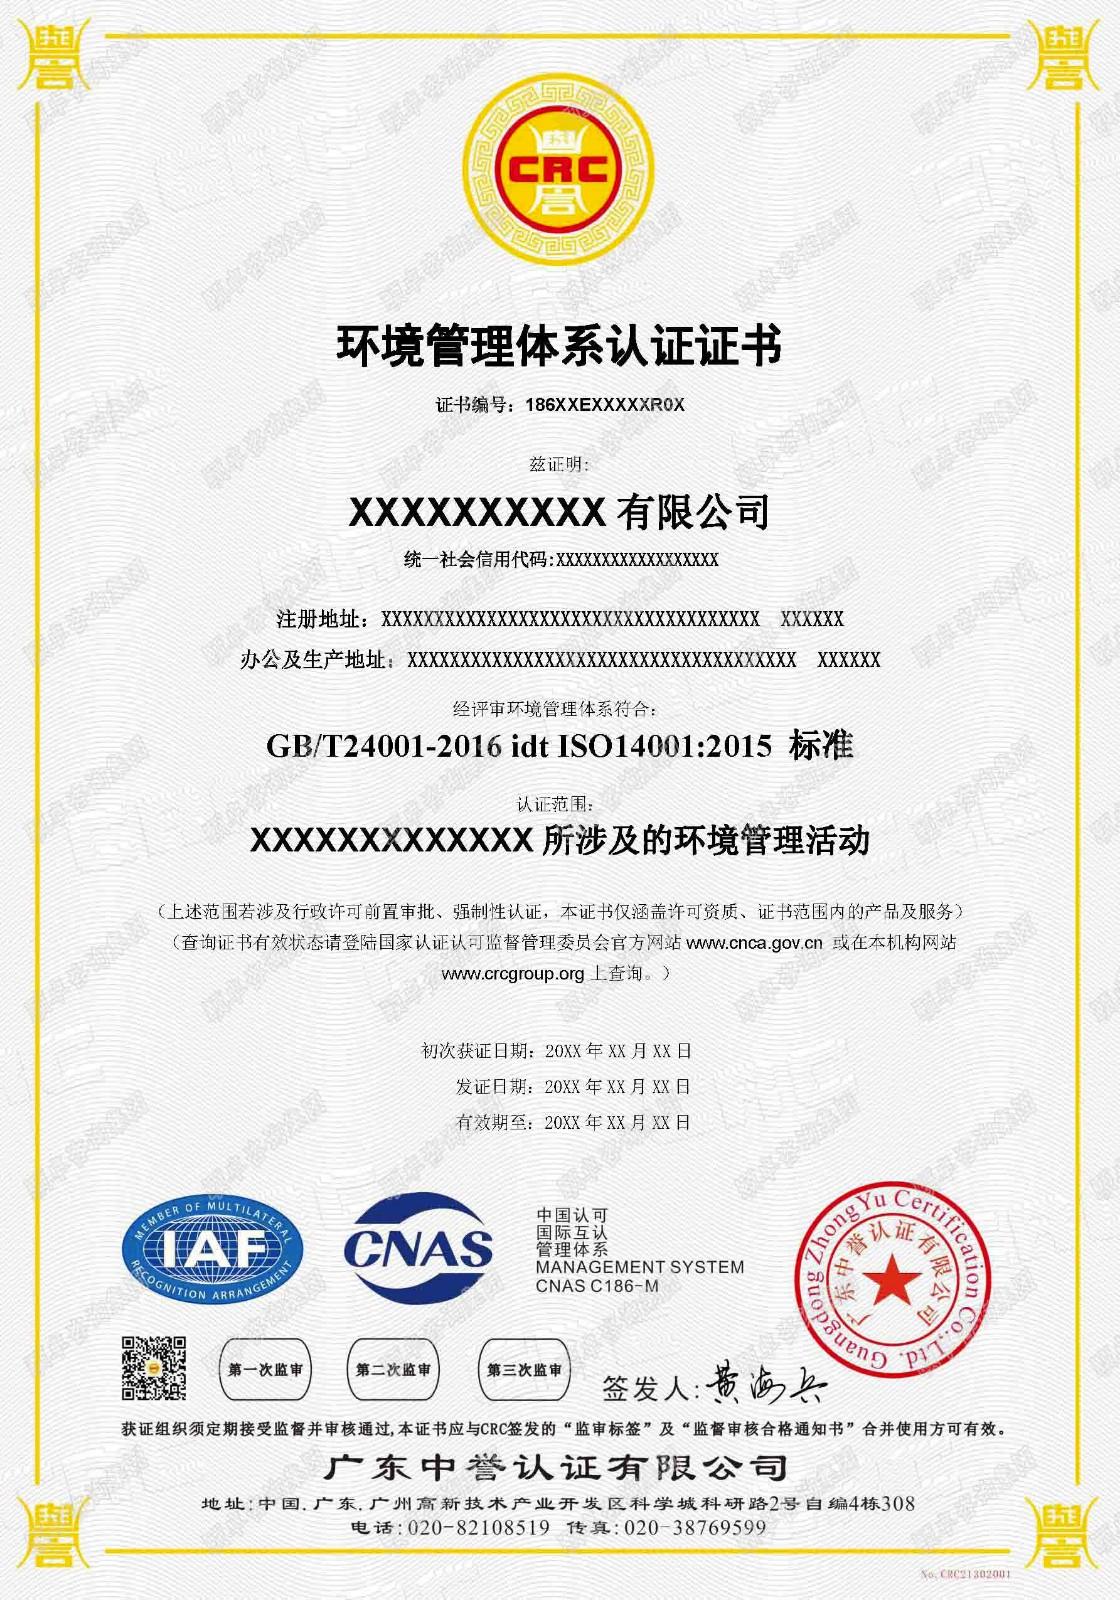 条件管理系统认证